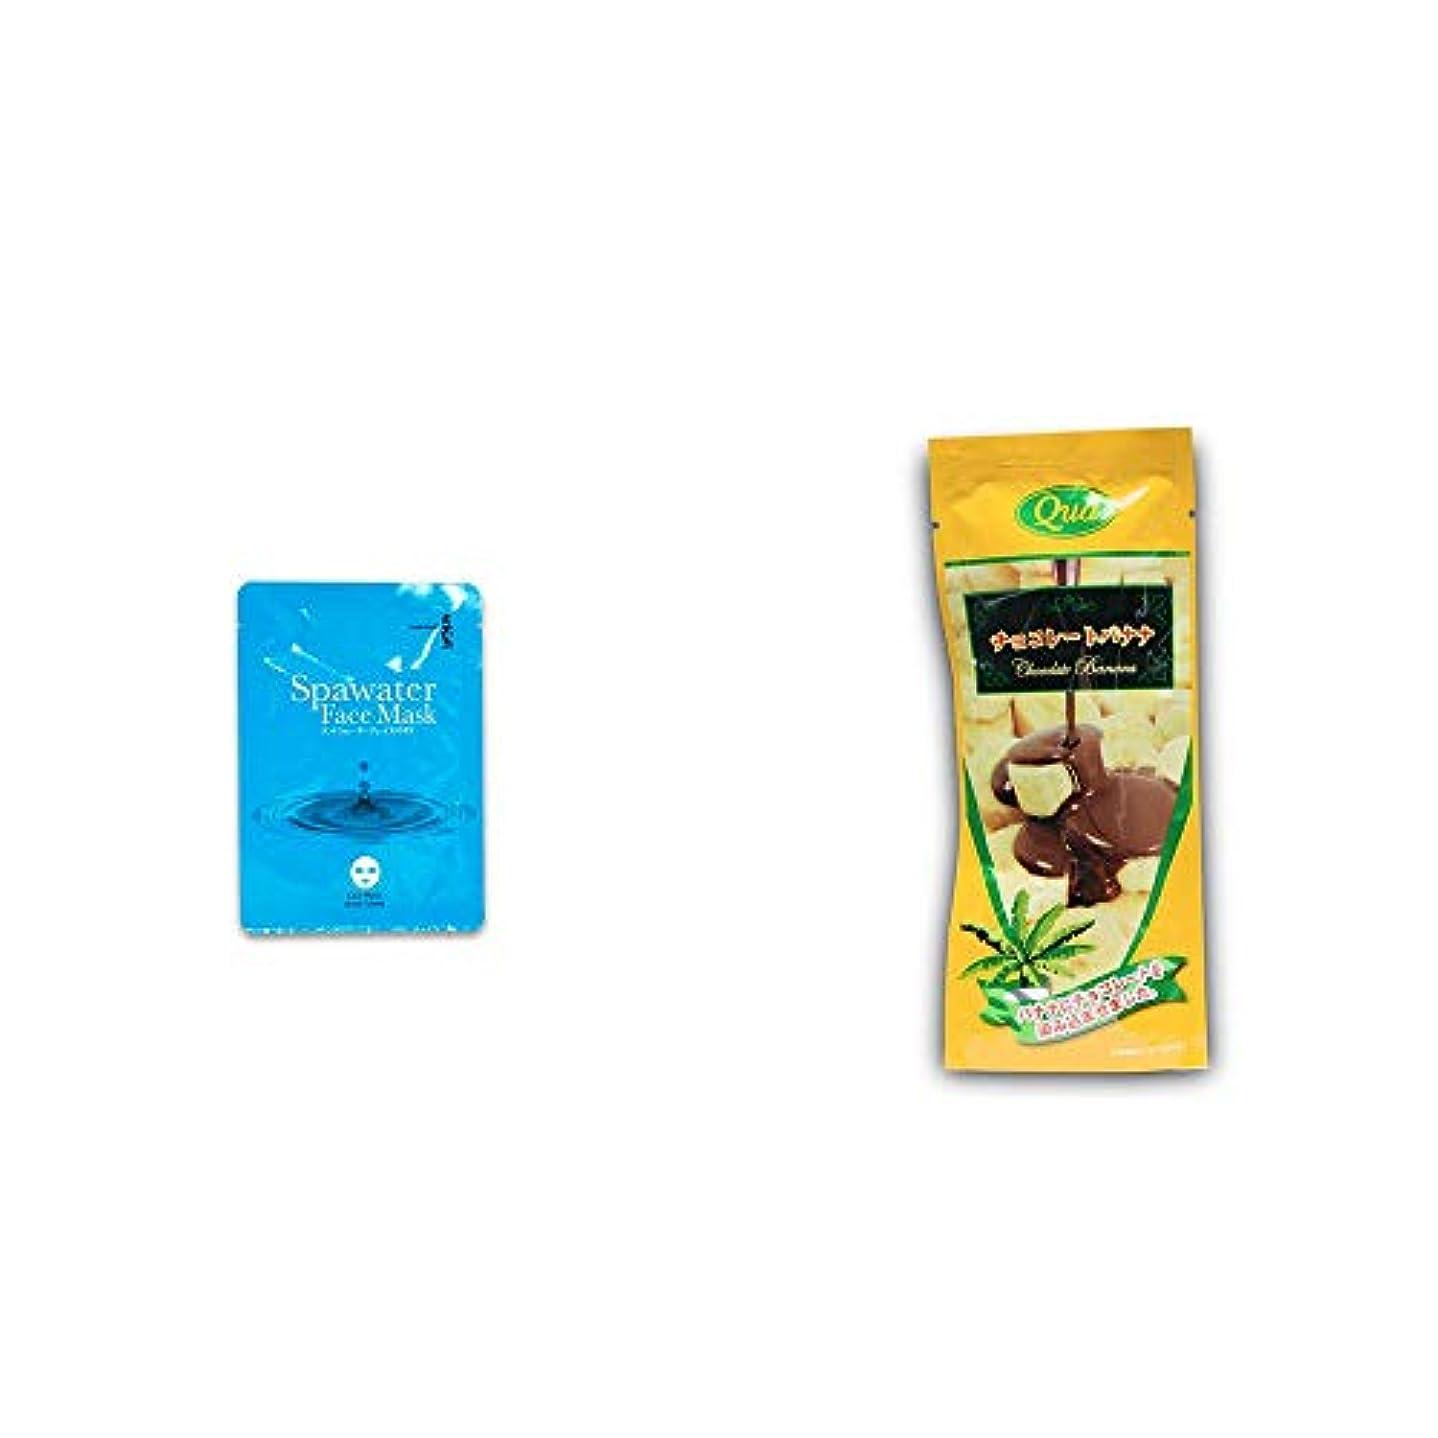 れる重なるしおれた[2点セット] ひのき炭黒泉 スパウォーターフェイスマスク(18ml×3枚入)・フリーズドライ チョコレートバナナ(50g)